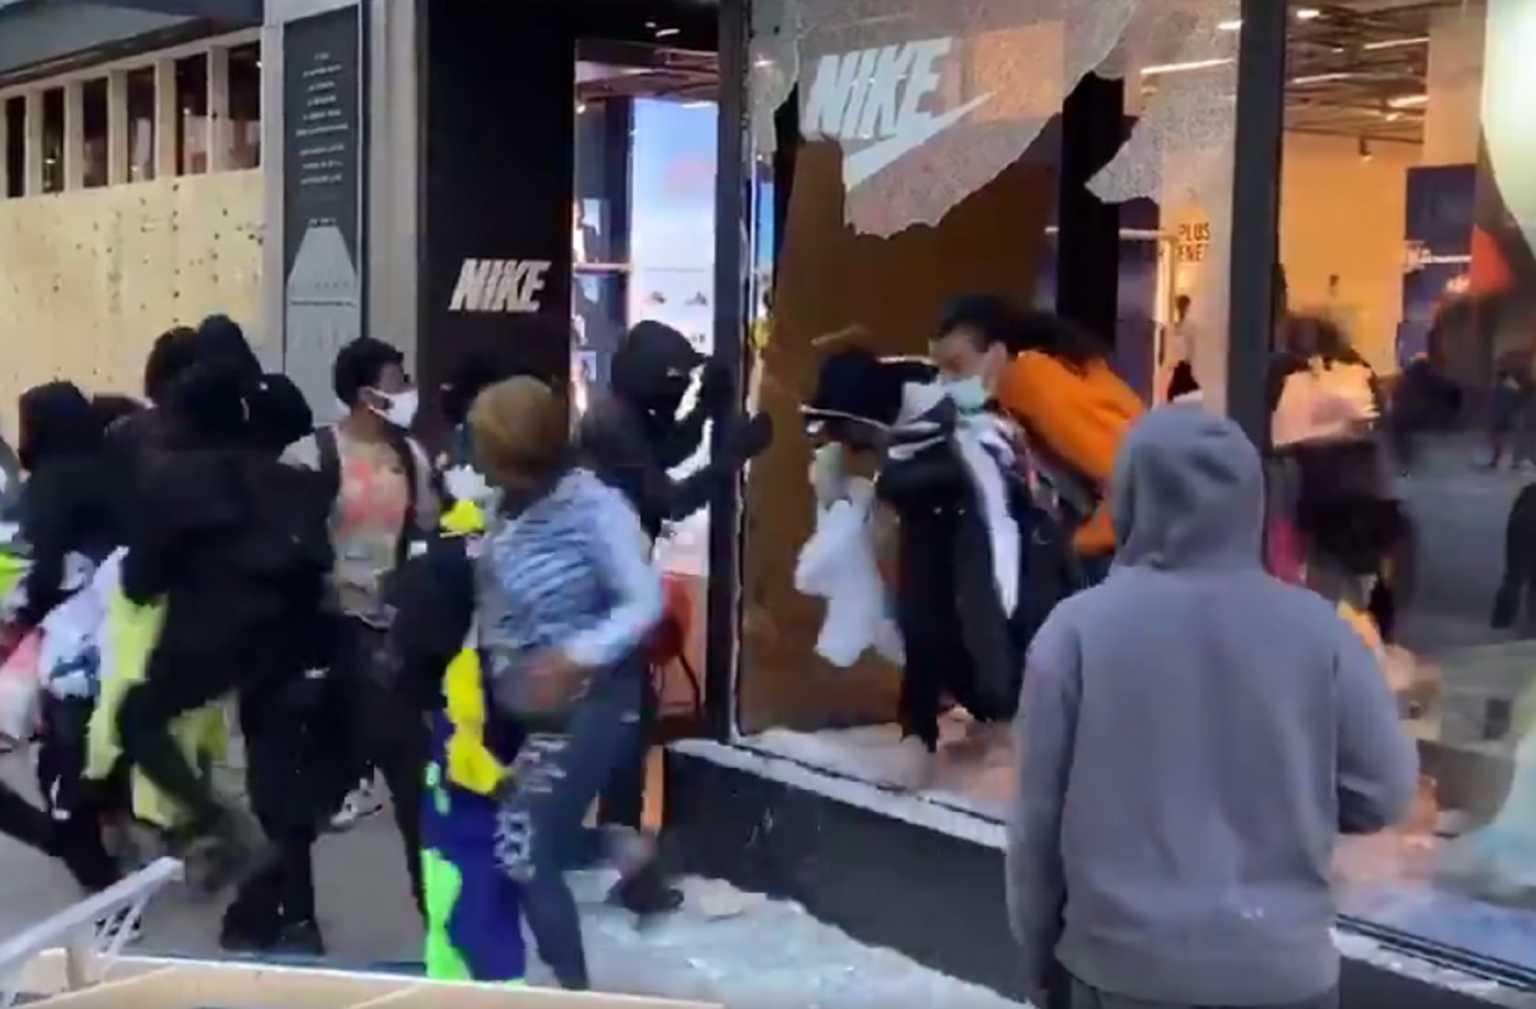 ΗΠΑ: Διαδηλωτές για τη δολοφονία Φλόιντ λεηλατούν μέσα σε δευτερόλεπτα κατάστημα της NIKE (video)